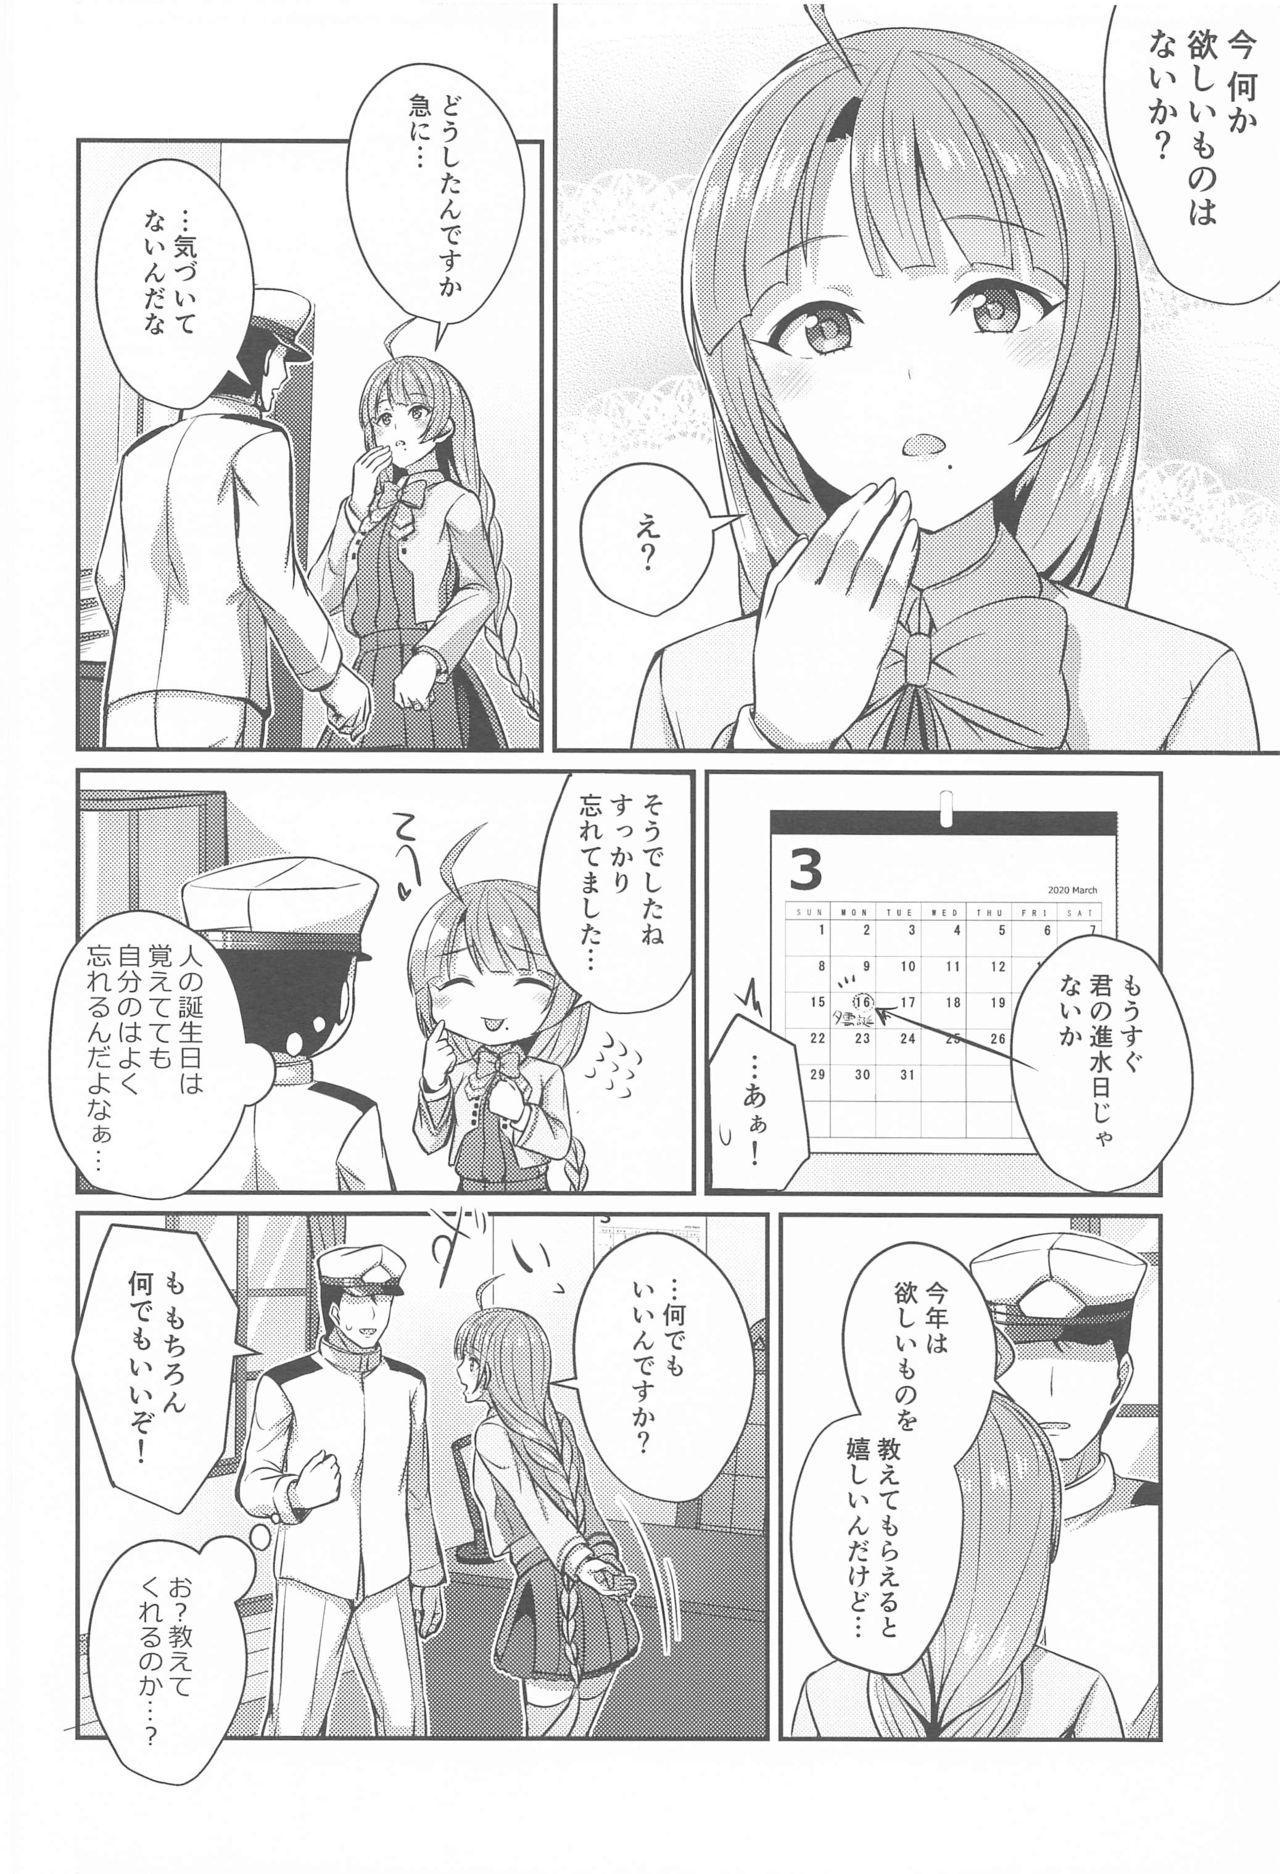 Yuugumo no Hoshii Mono 4